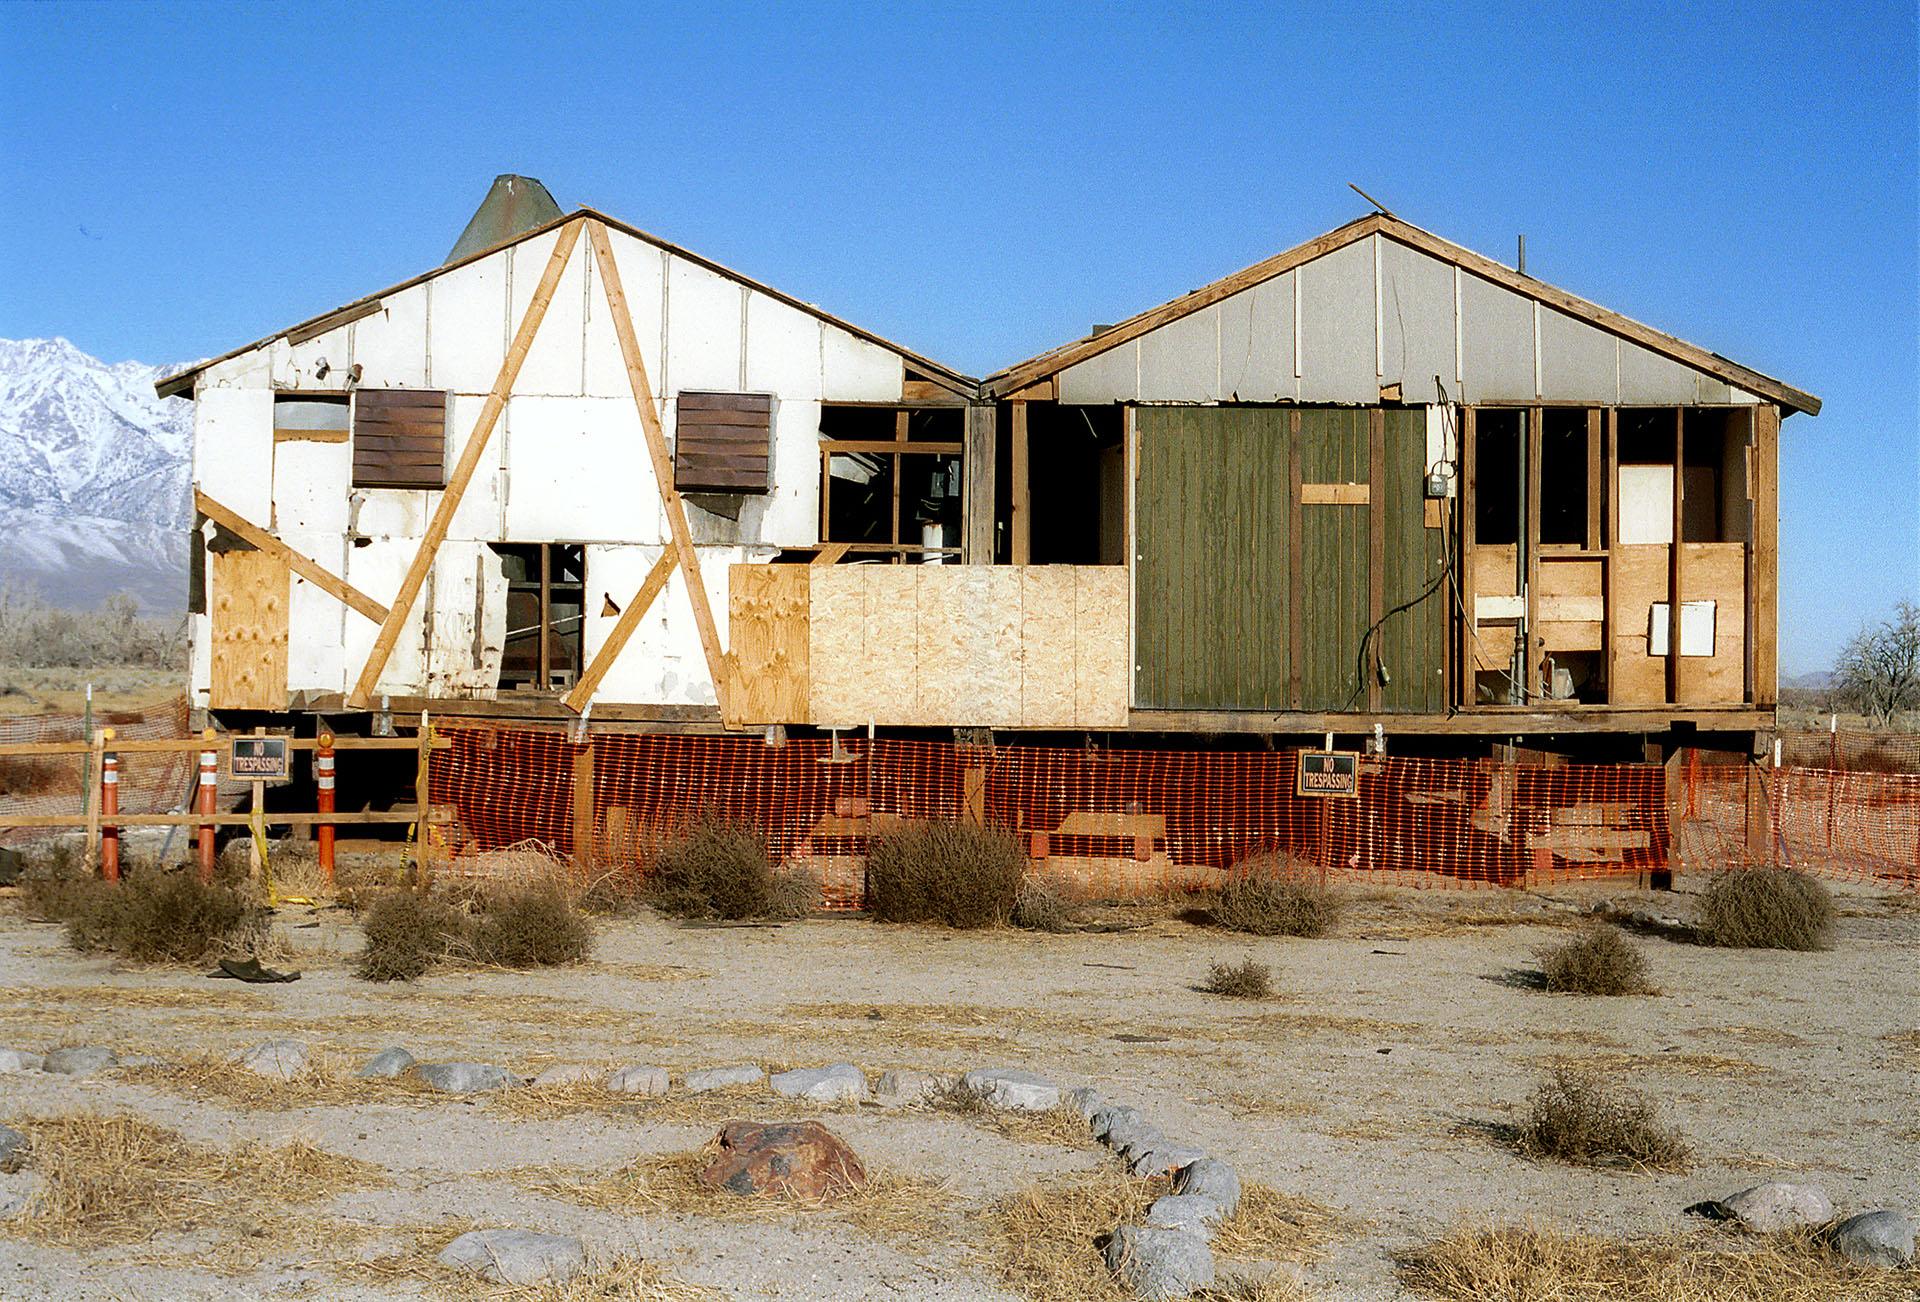 spr040303_facade_manzanar2.jpg